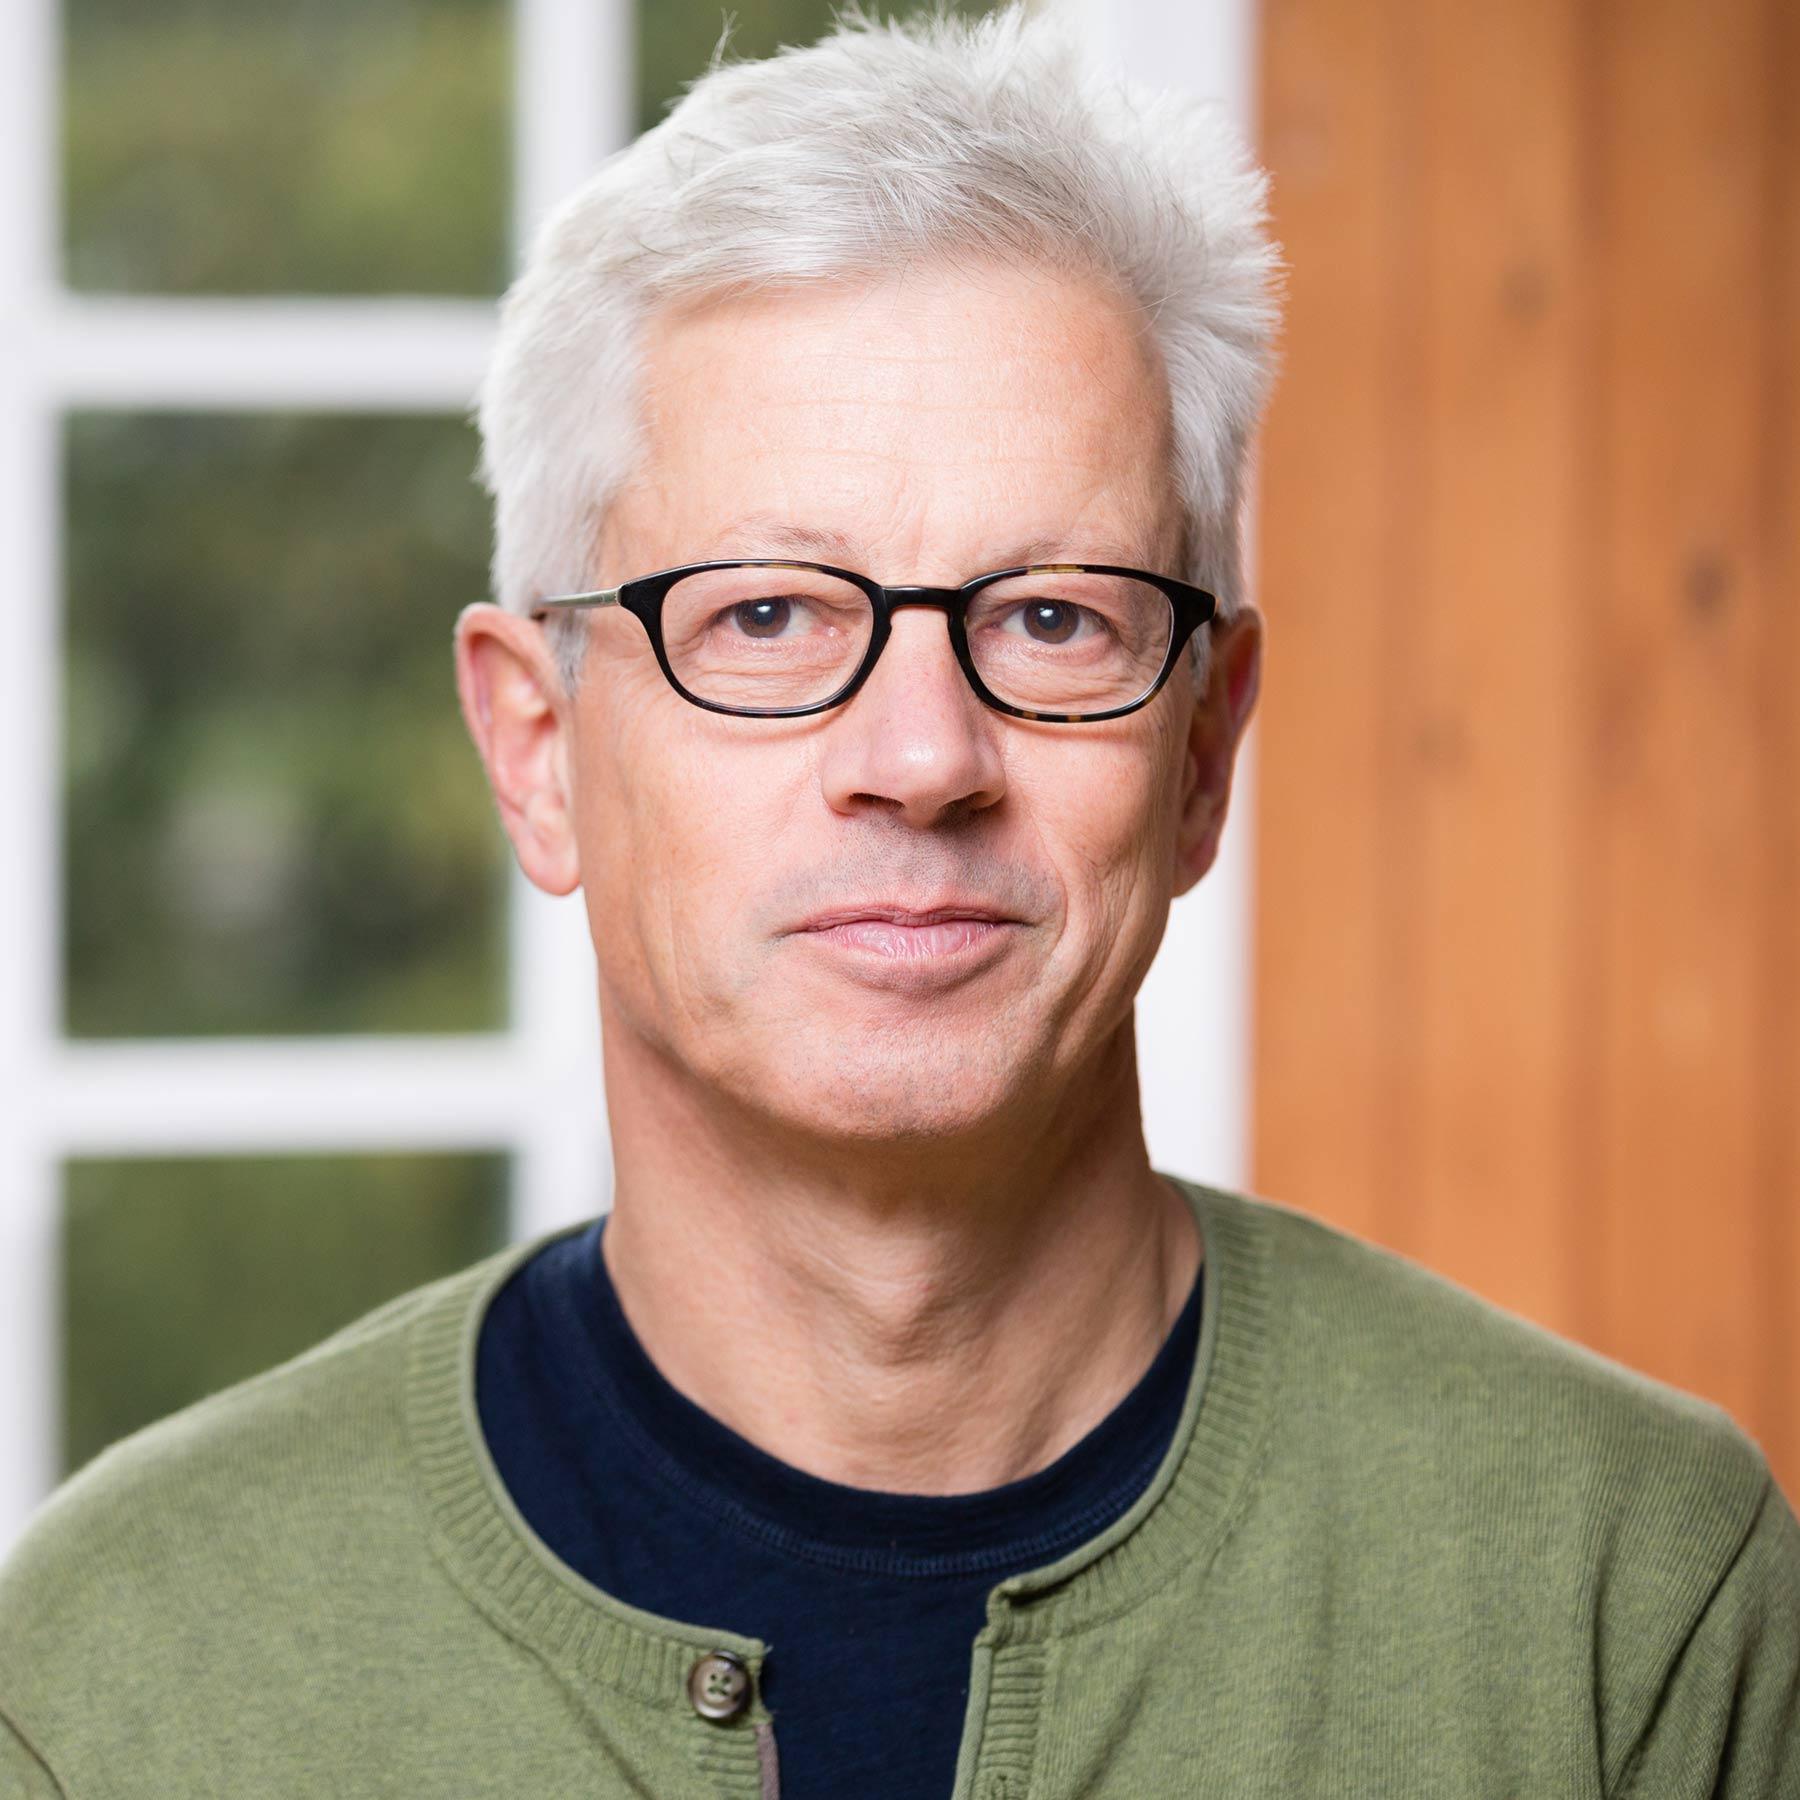 Hugh van't Hoff - F4L Director & Founder